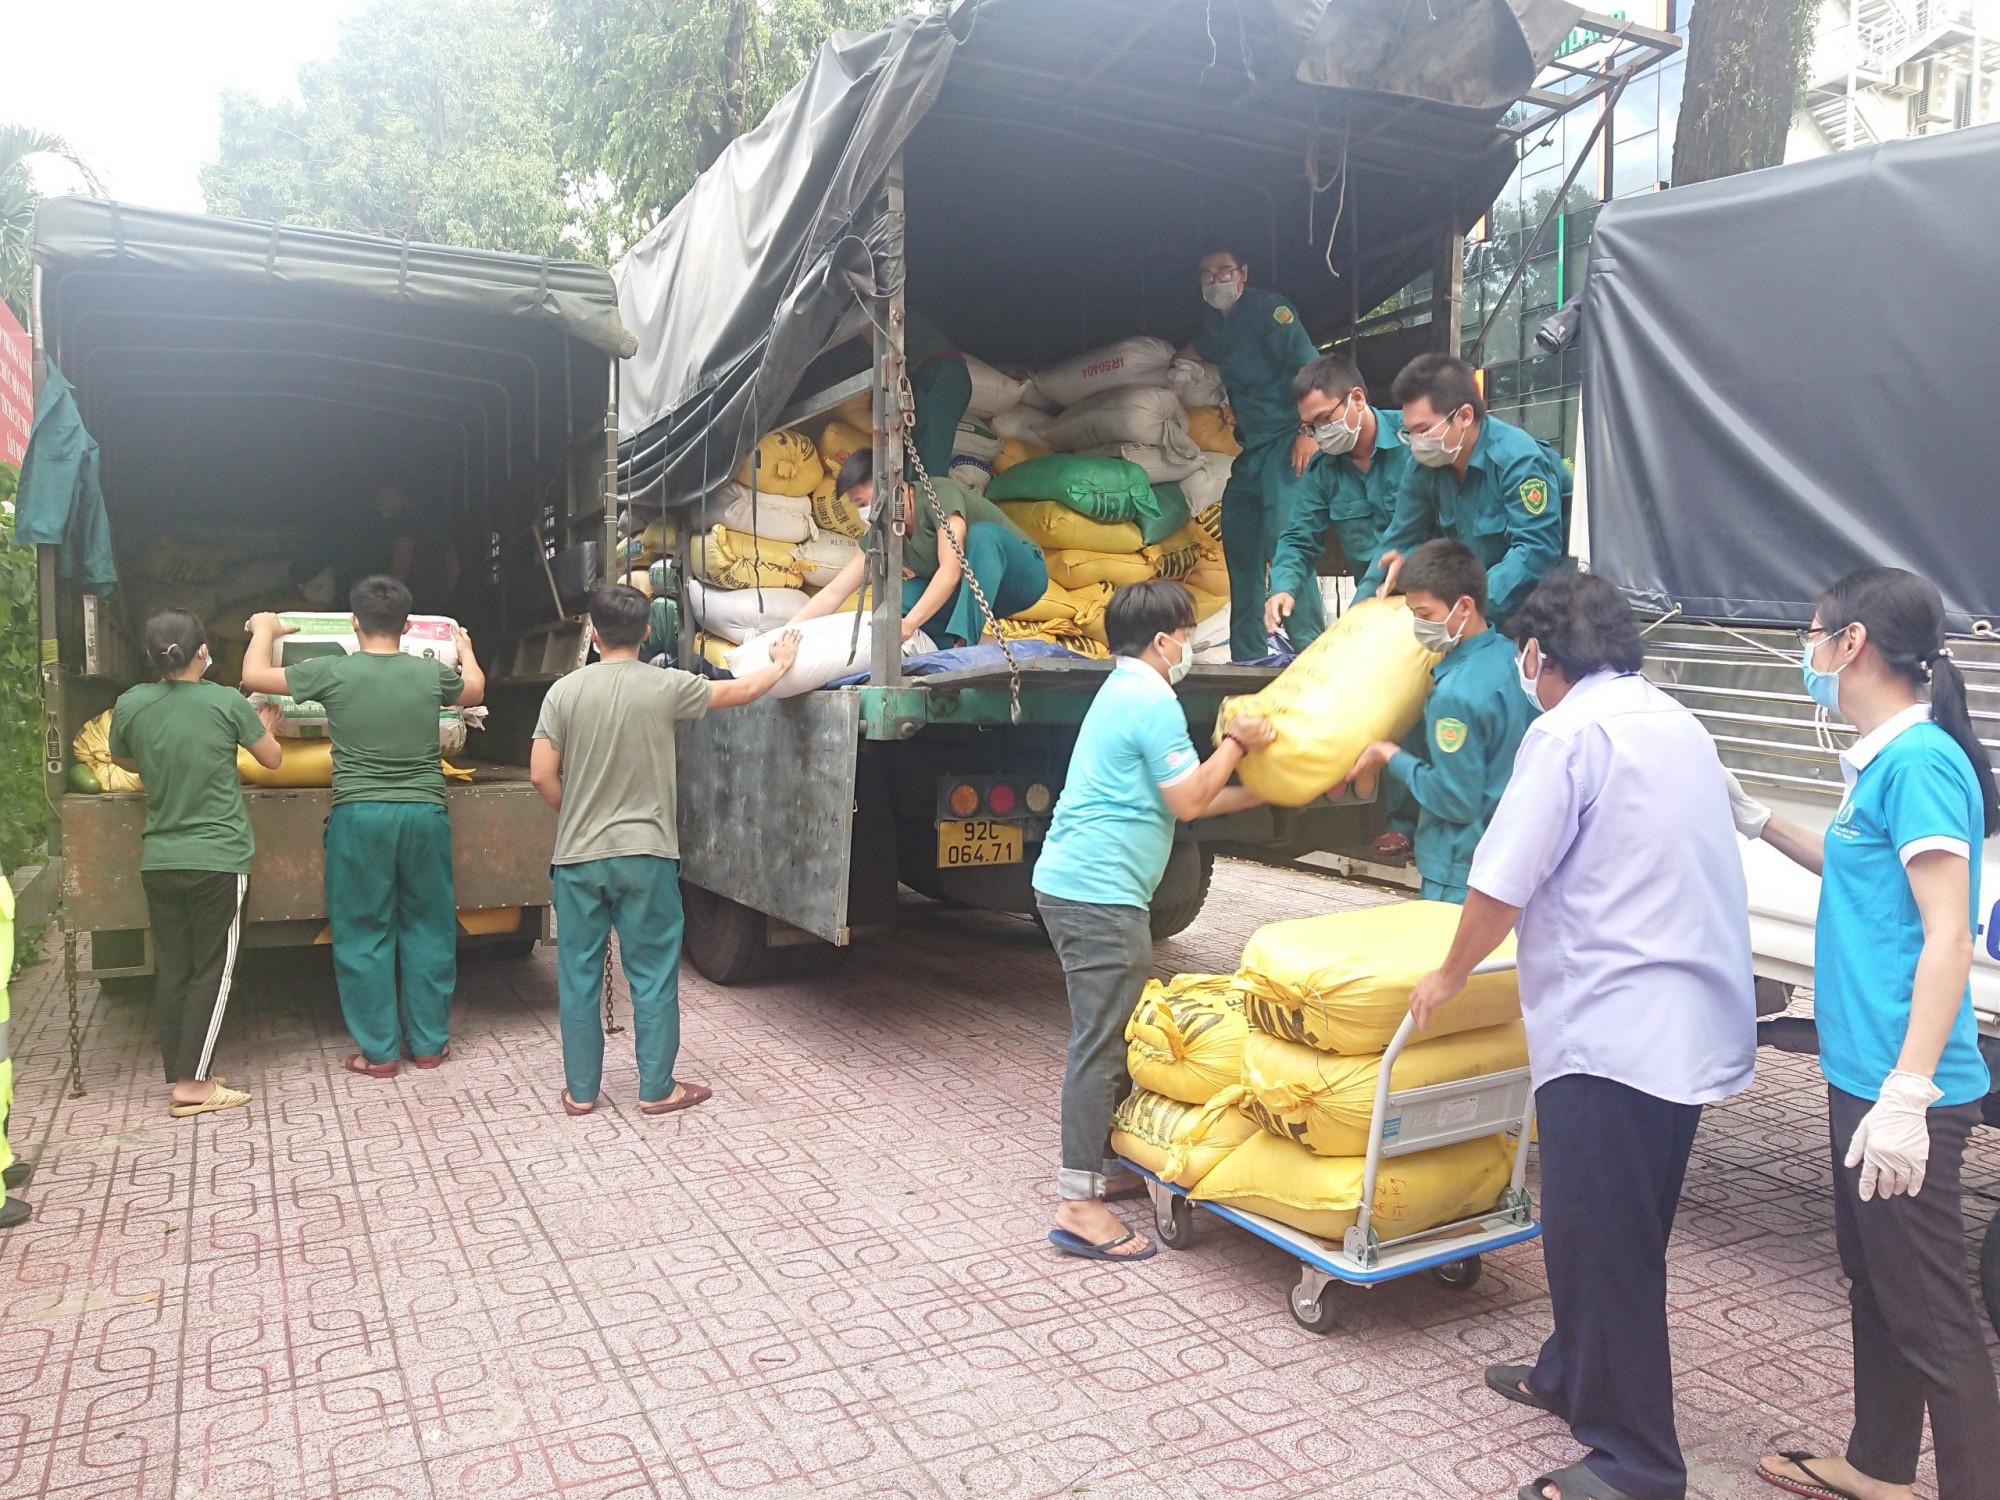 Toàn bộ chuyến hàng nhanh chóng được phân bổ về các đơn vị để trao trực tiếp cho các bếp ăn, lực lượng phòng chống dịch và người dân khó khăn ở accs khu phong tỏa